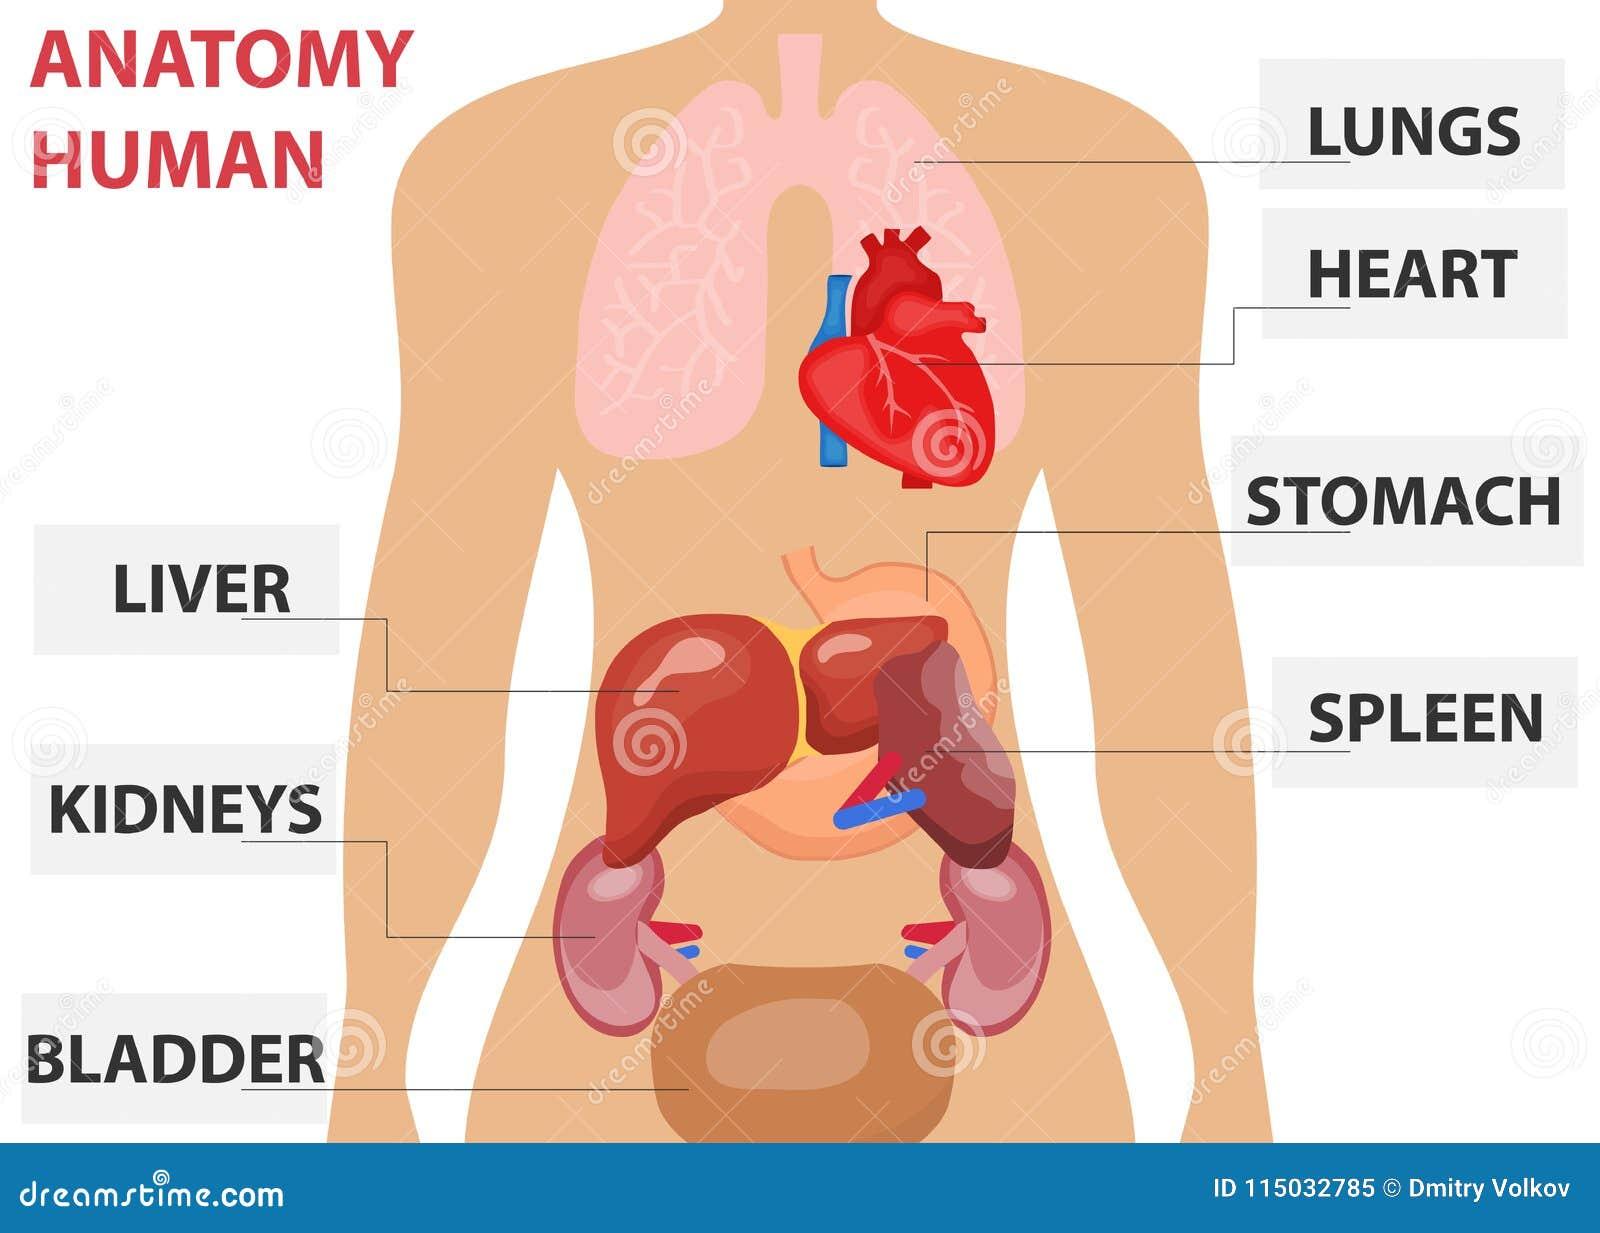 Ανθρώπινα όργανα, η τοποθέτηση των ανθρώπινων οργάνων στο σώμα Ανθρώπινη ανατομία